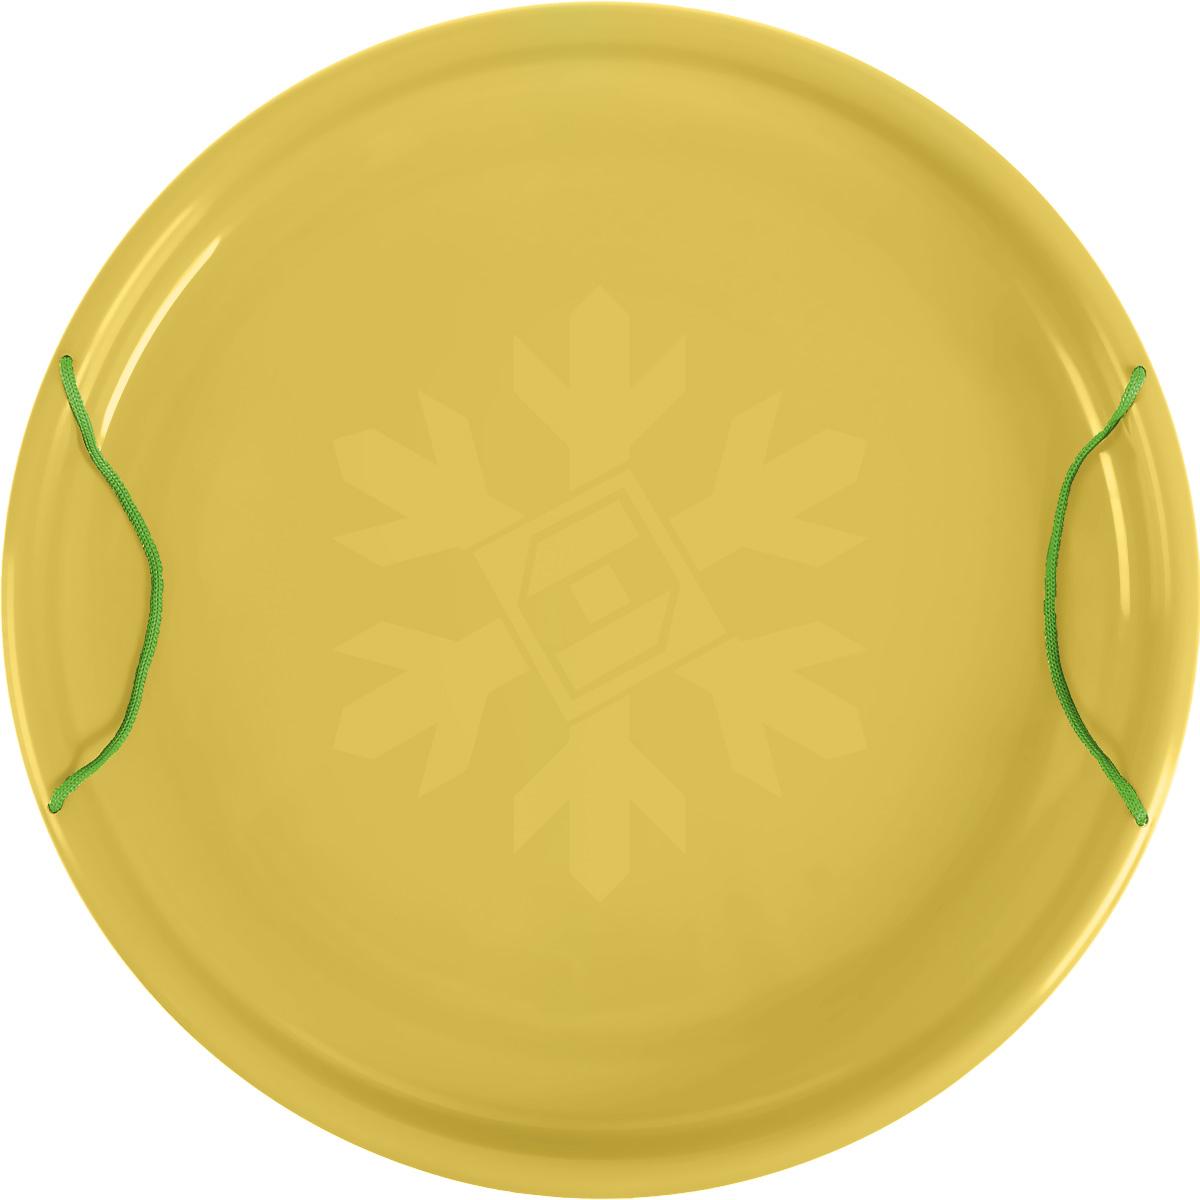 Санки-ледянки Престиж Экстрим, цвет: желтый, диаметр 53 см336920Любимая детская зимняя забава - это катание с горки. Яркие санки-ледянки Престиж Экстрим станут незаменимым атрибутом этой веселой детской игры. Санки-ледянки - это специальная пластиковая тарелка, облегчающая скольжение и увеличивающая скорость движения по горке. Ледянка выполнена из прочного гибкого пластика и снабжена двумя ручками по бокам. Конфигурация санок позволяет удобно сидеть и развивать лучшую скорость. Благодаря малому весу ледянку, в отличие от обычных санок, легко нести с собой даже ребенку.Зимние игры на свежем воздухе. Статья OZON Гид